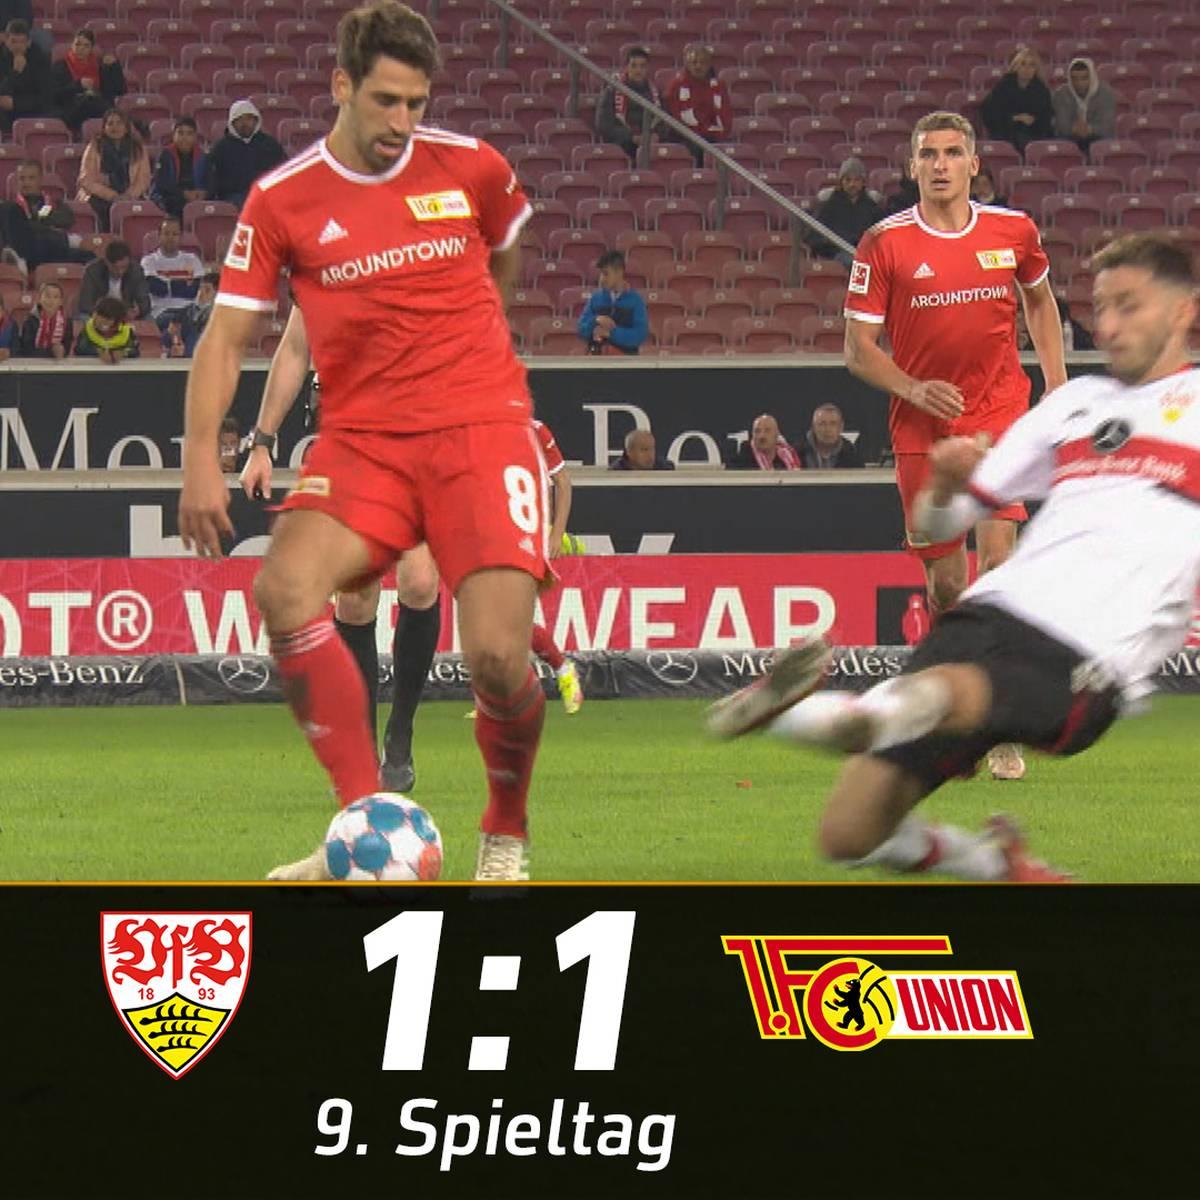 33 Sekunden! VfB-Verteidiger mit kuriosem Blitz-Platzverweis